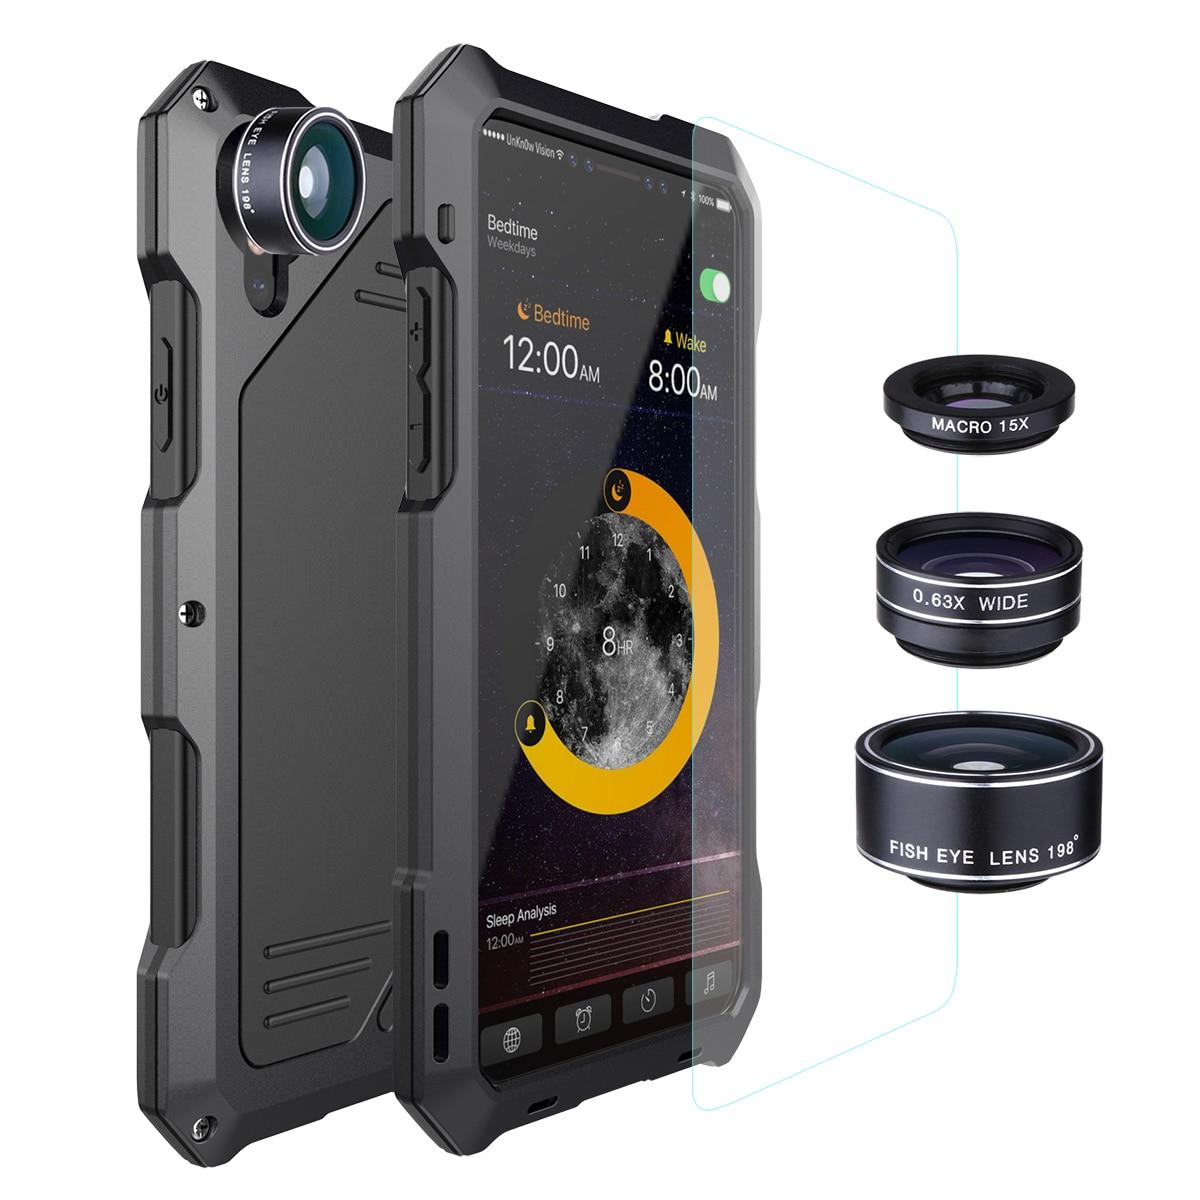 Metal à prova dwaterproof água caso para iphone x xs xr xsmax 5S 6 s 7 8 mais choque liga pára-choques com macro lente olho de peixe grande angular